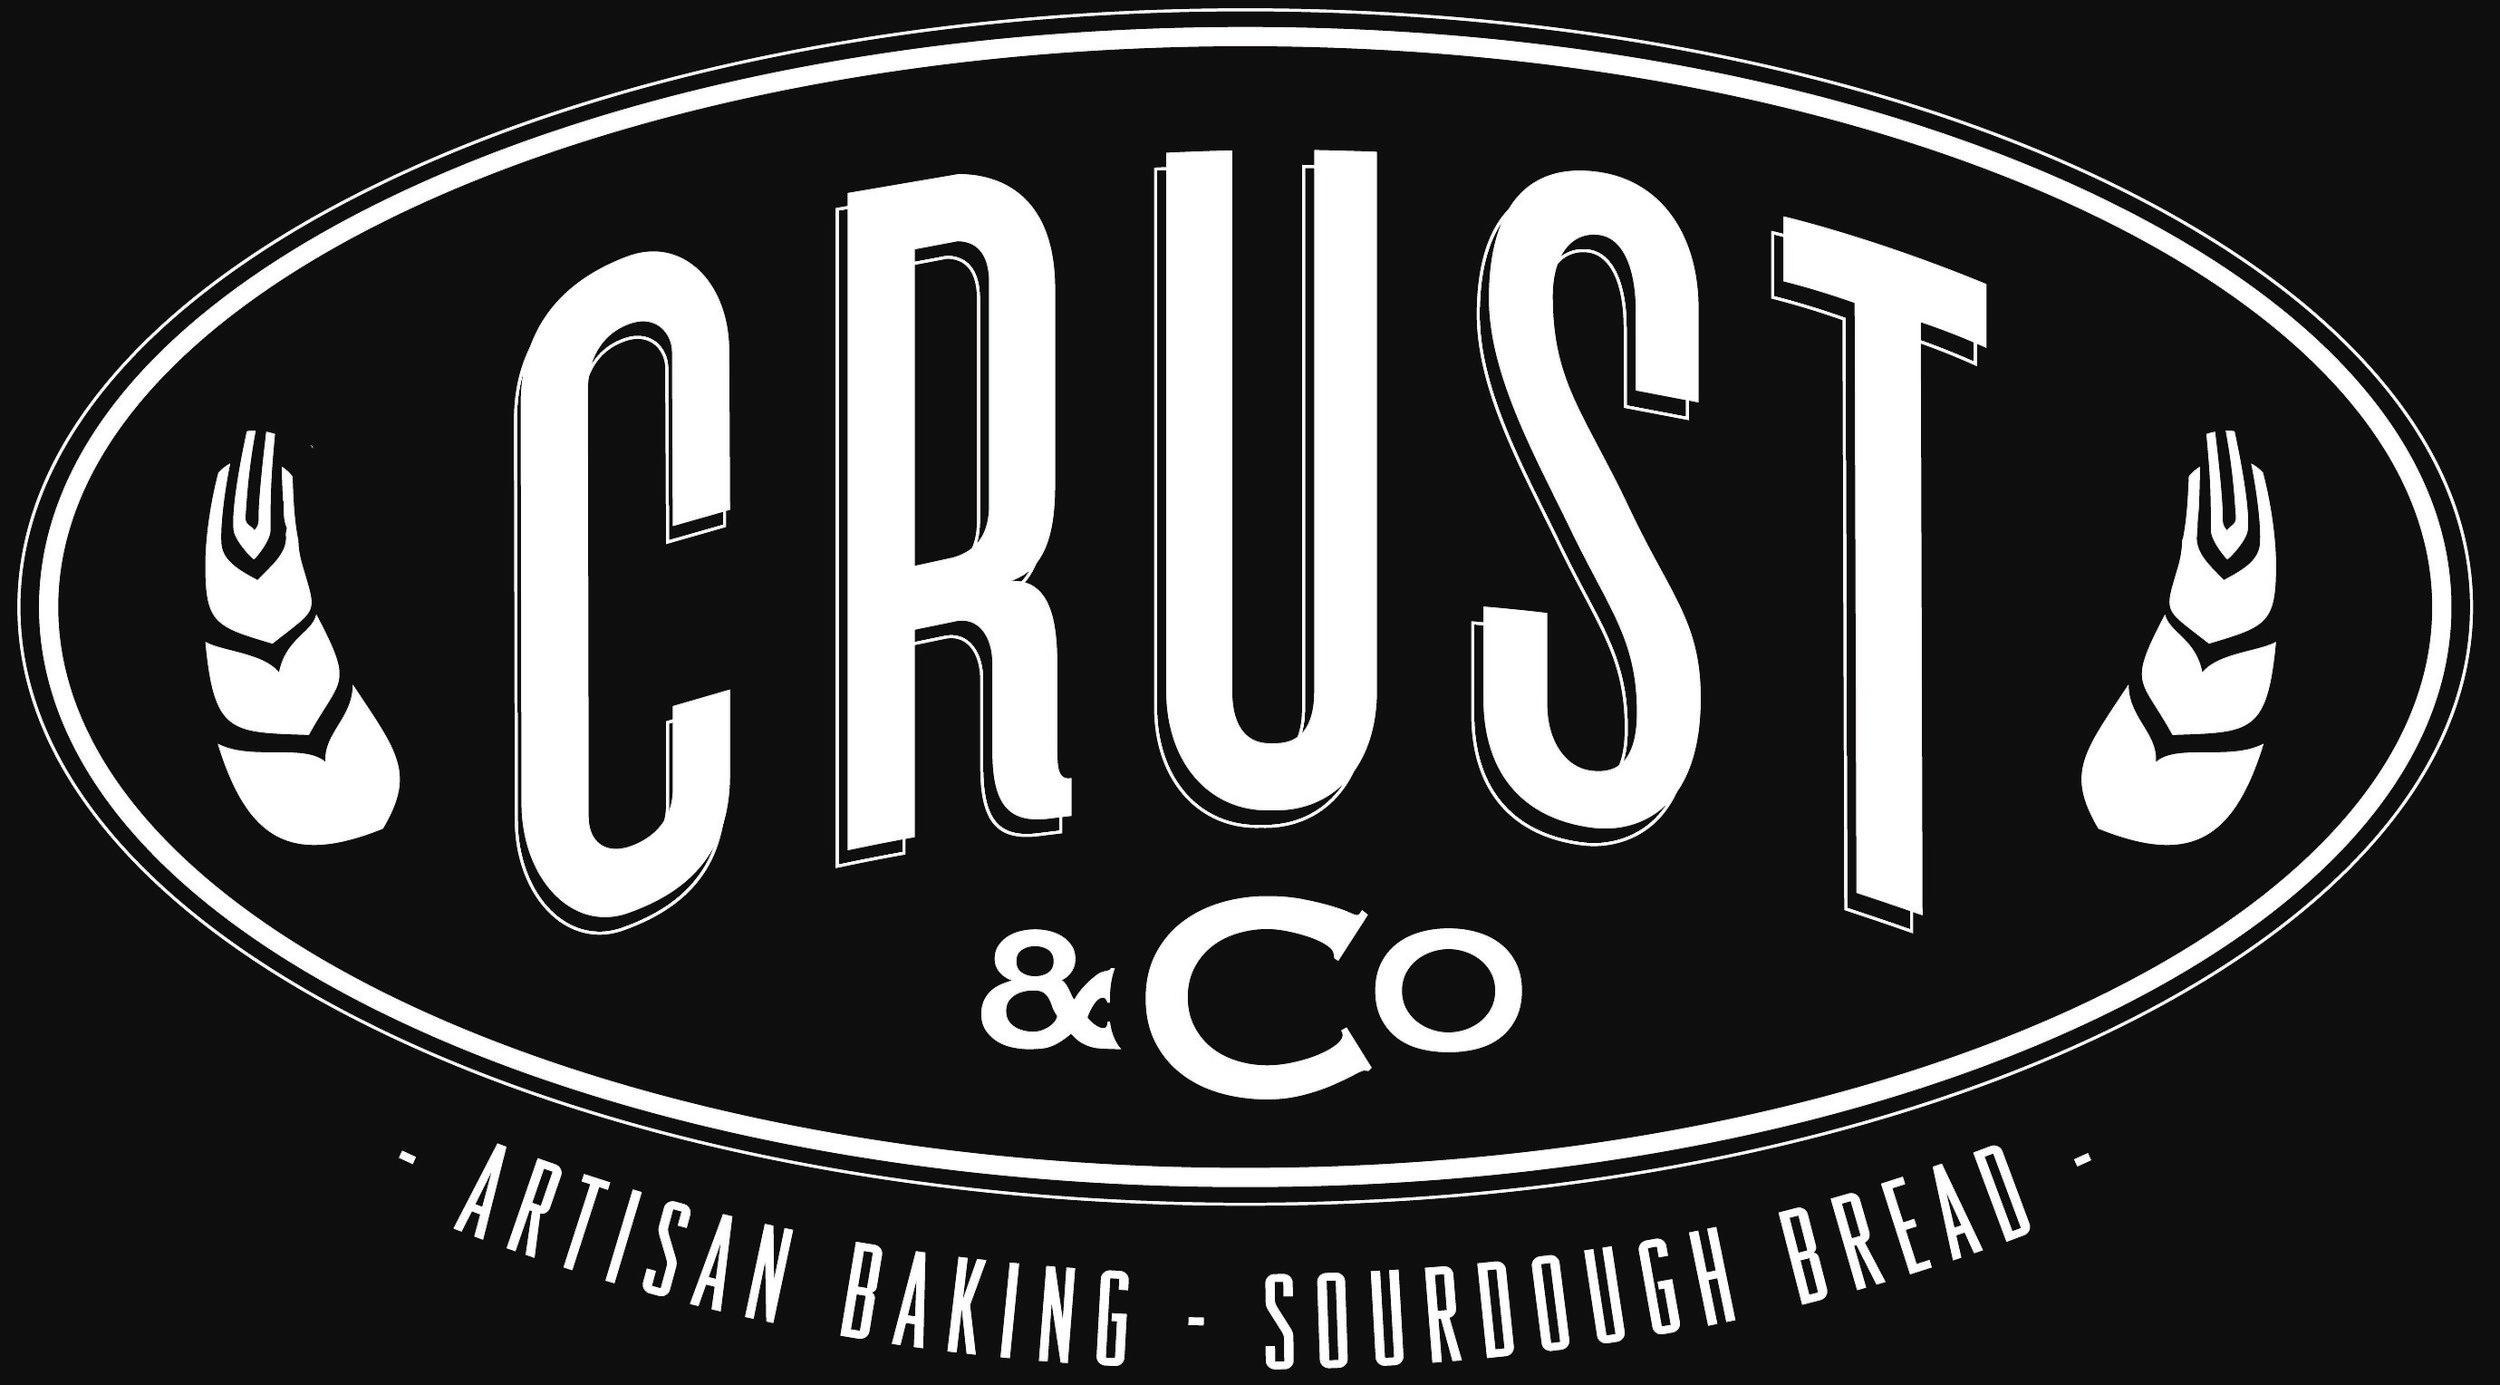 Crust & Co 1.jpg